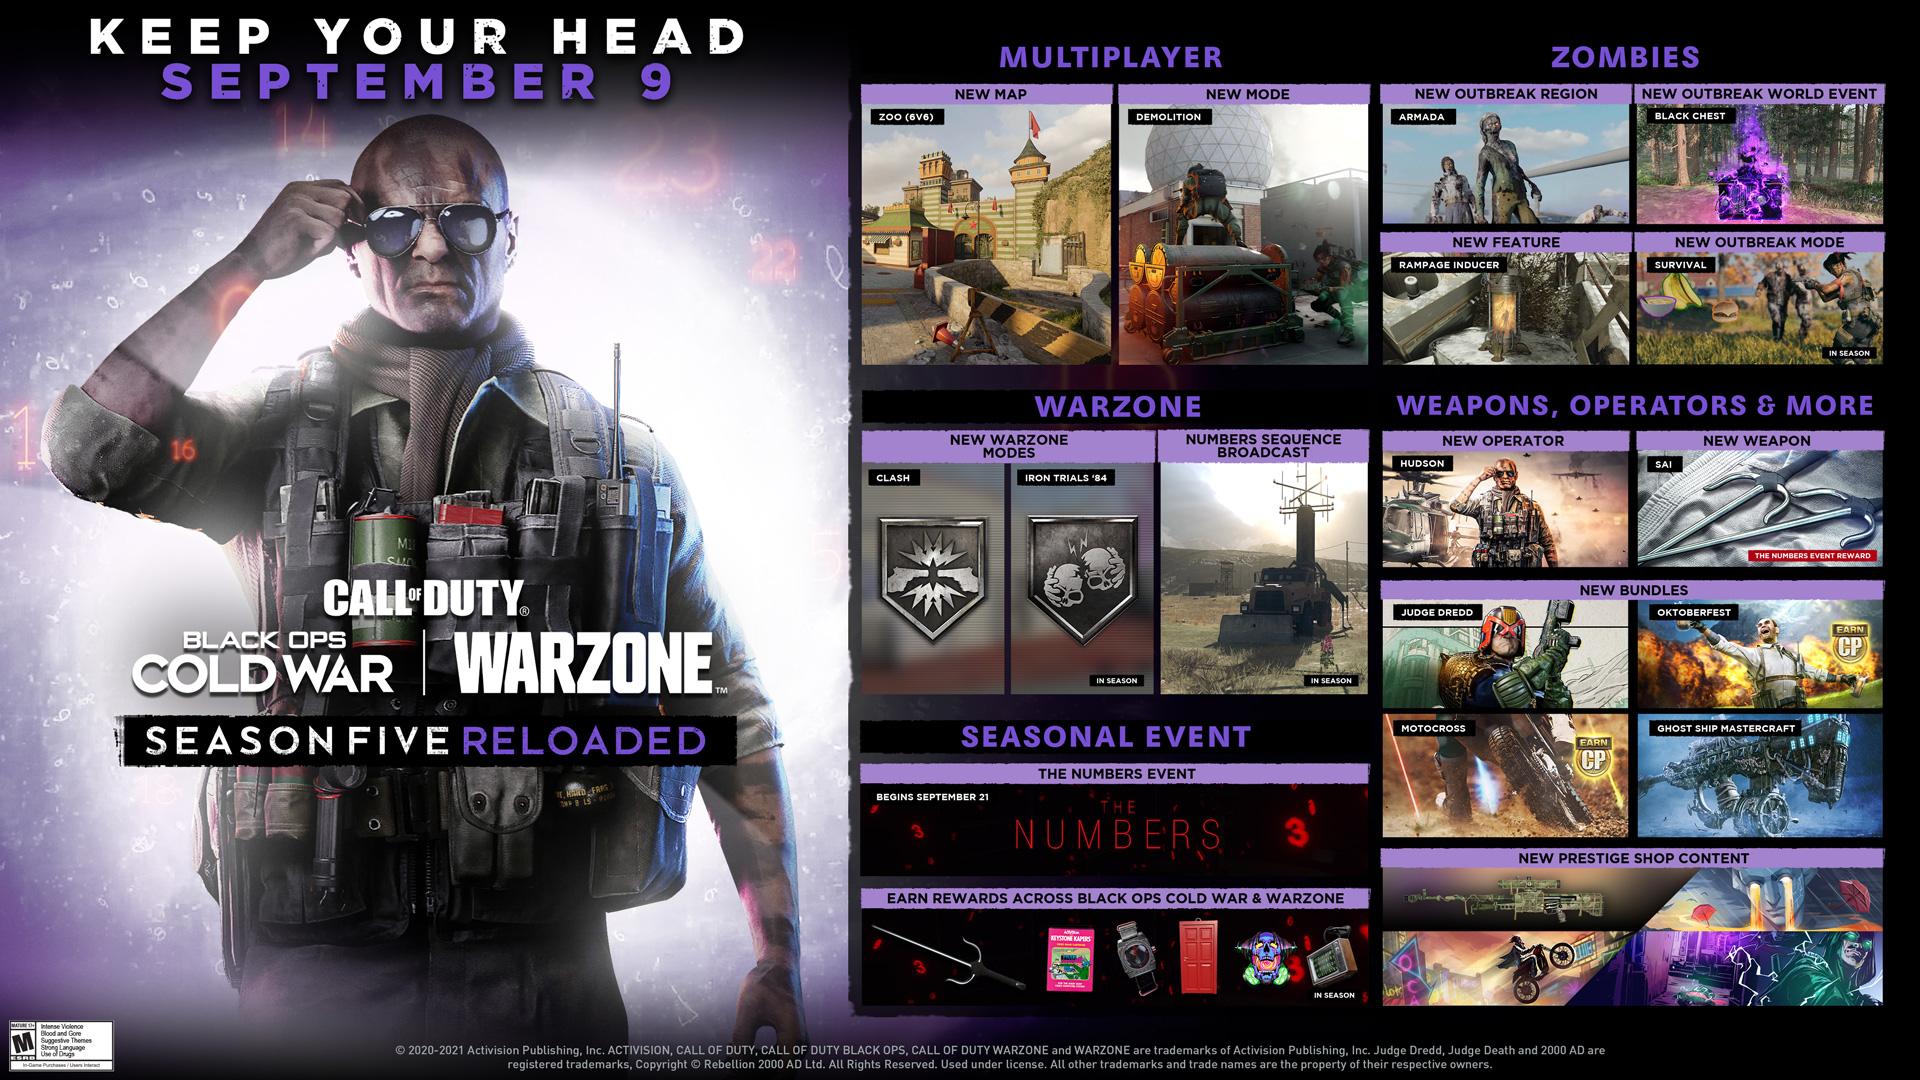 Temporada 5 Reloaded de Call of Duty: Warzone y Black ops Cold War